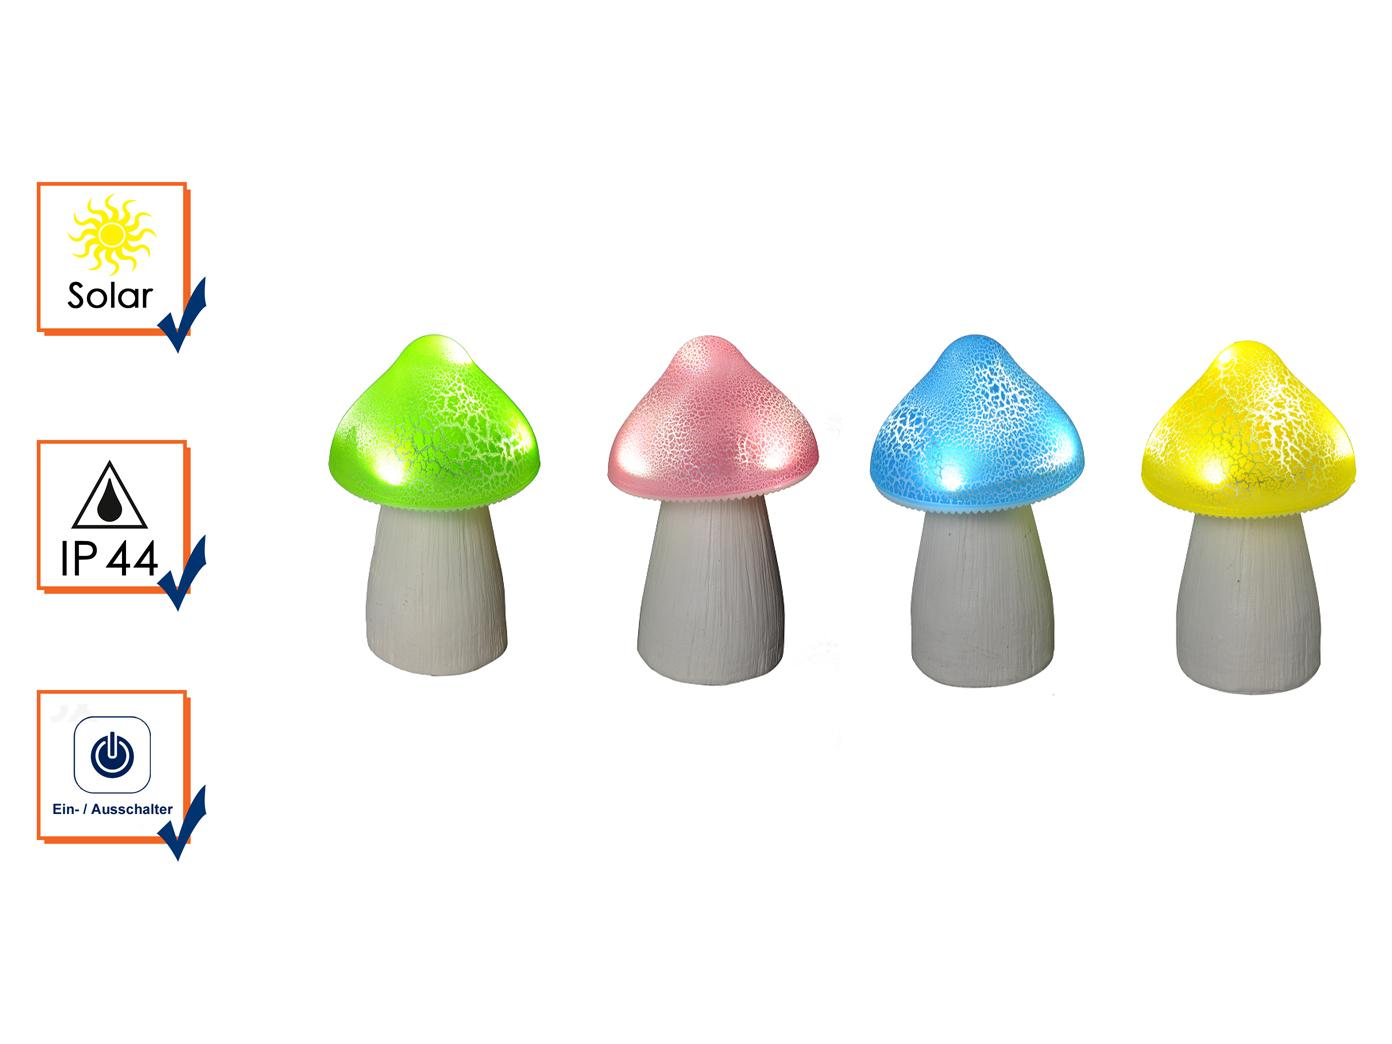 Solarfiguren Solarfiguren Solarfiguren im 4er SET - Gartedeko LED Pilze für draußen, IP44 geschützt, bunt 5c7c2f